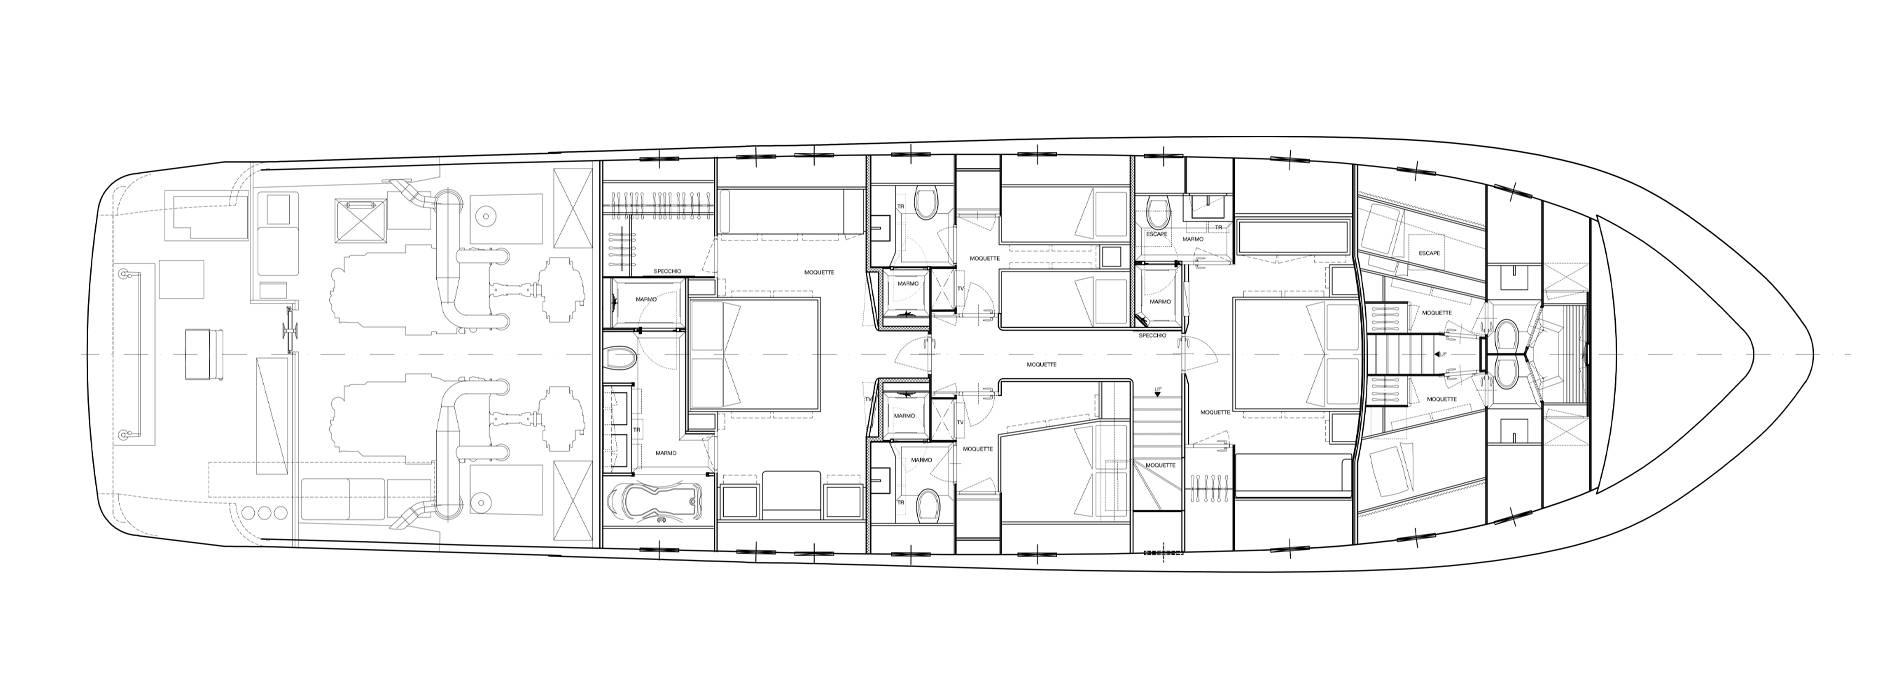 Sanlorenzo Yachts SL88-541 Cubierta inferior